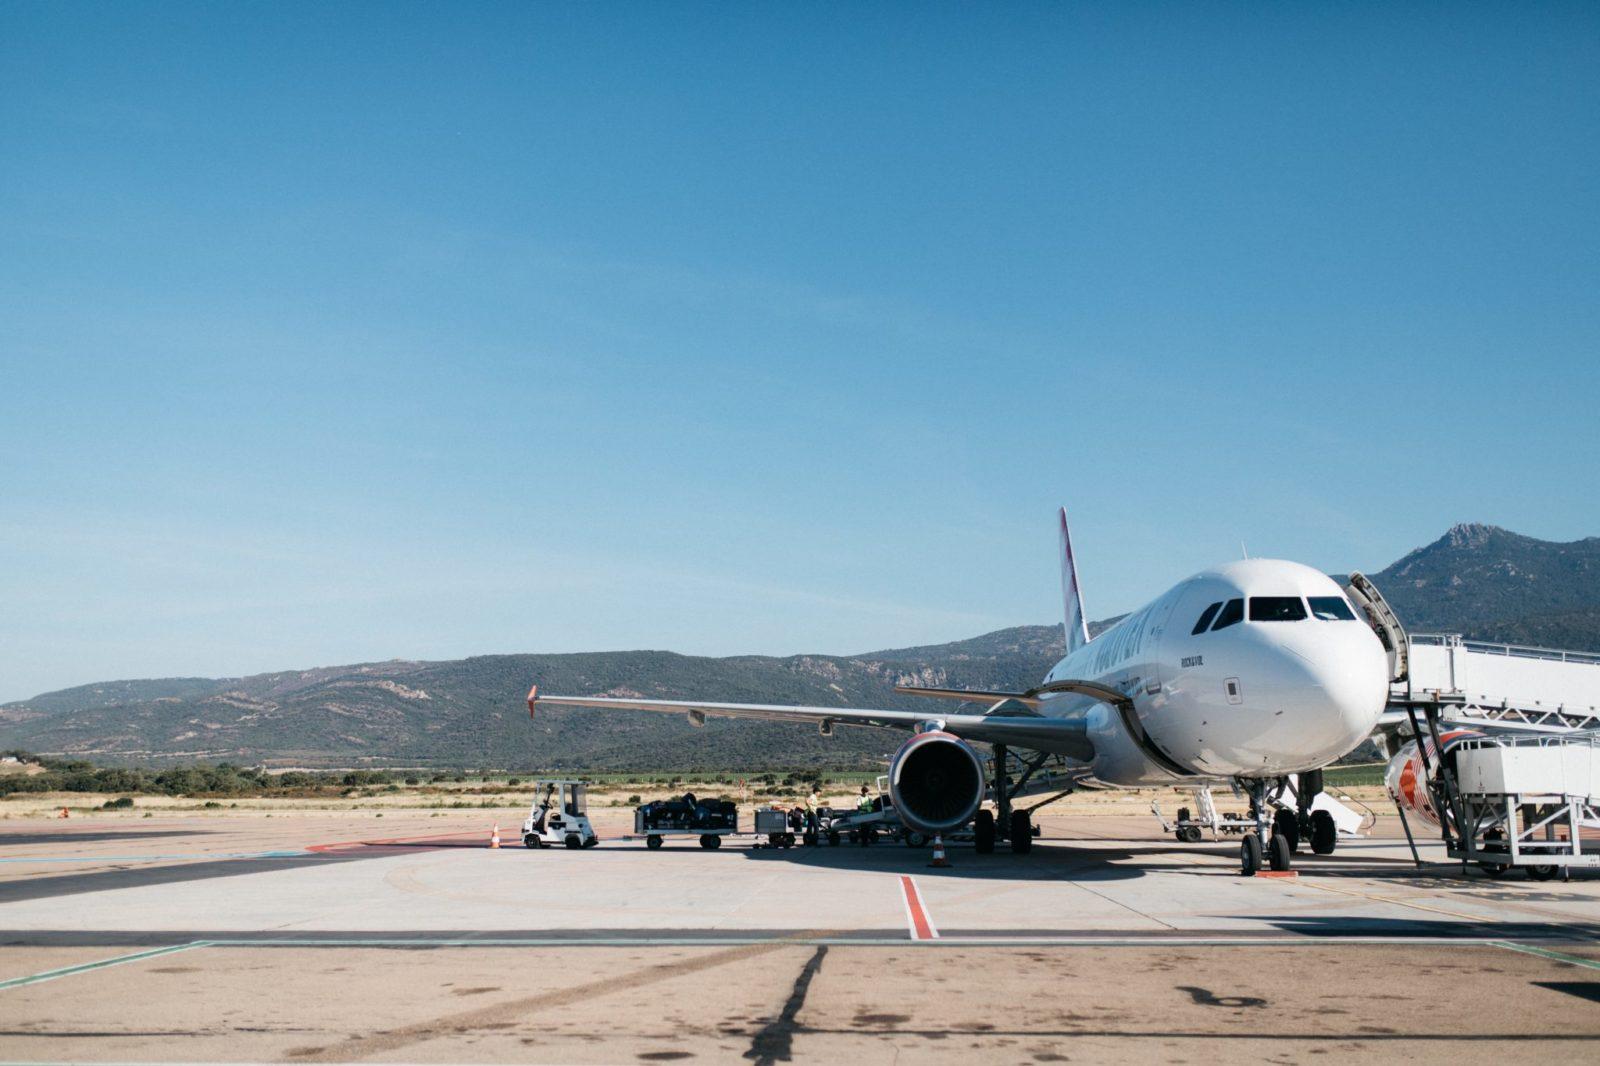 Samolot stojący na płycie lotniska